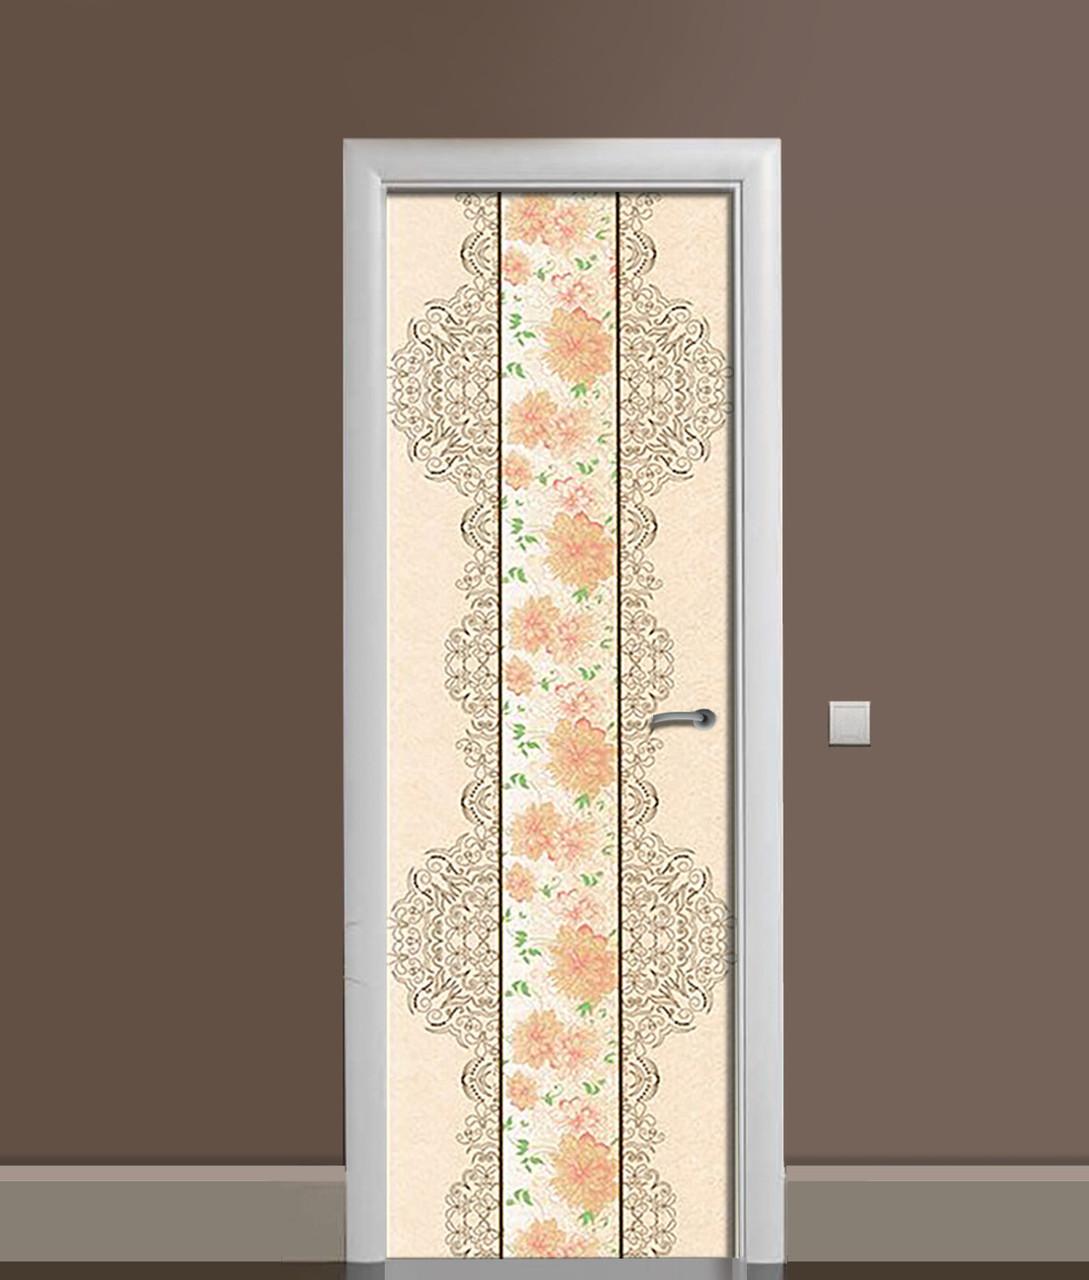 Виниловая 3Д наклейка на дверь Цветочный узор (ПВХ пленка) Орнамент Бежевый 650*2000 мм